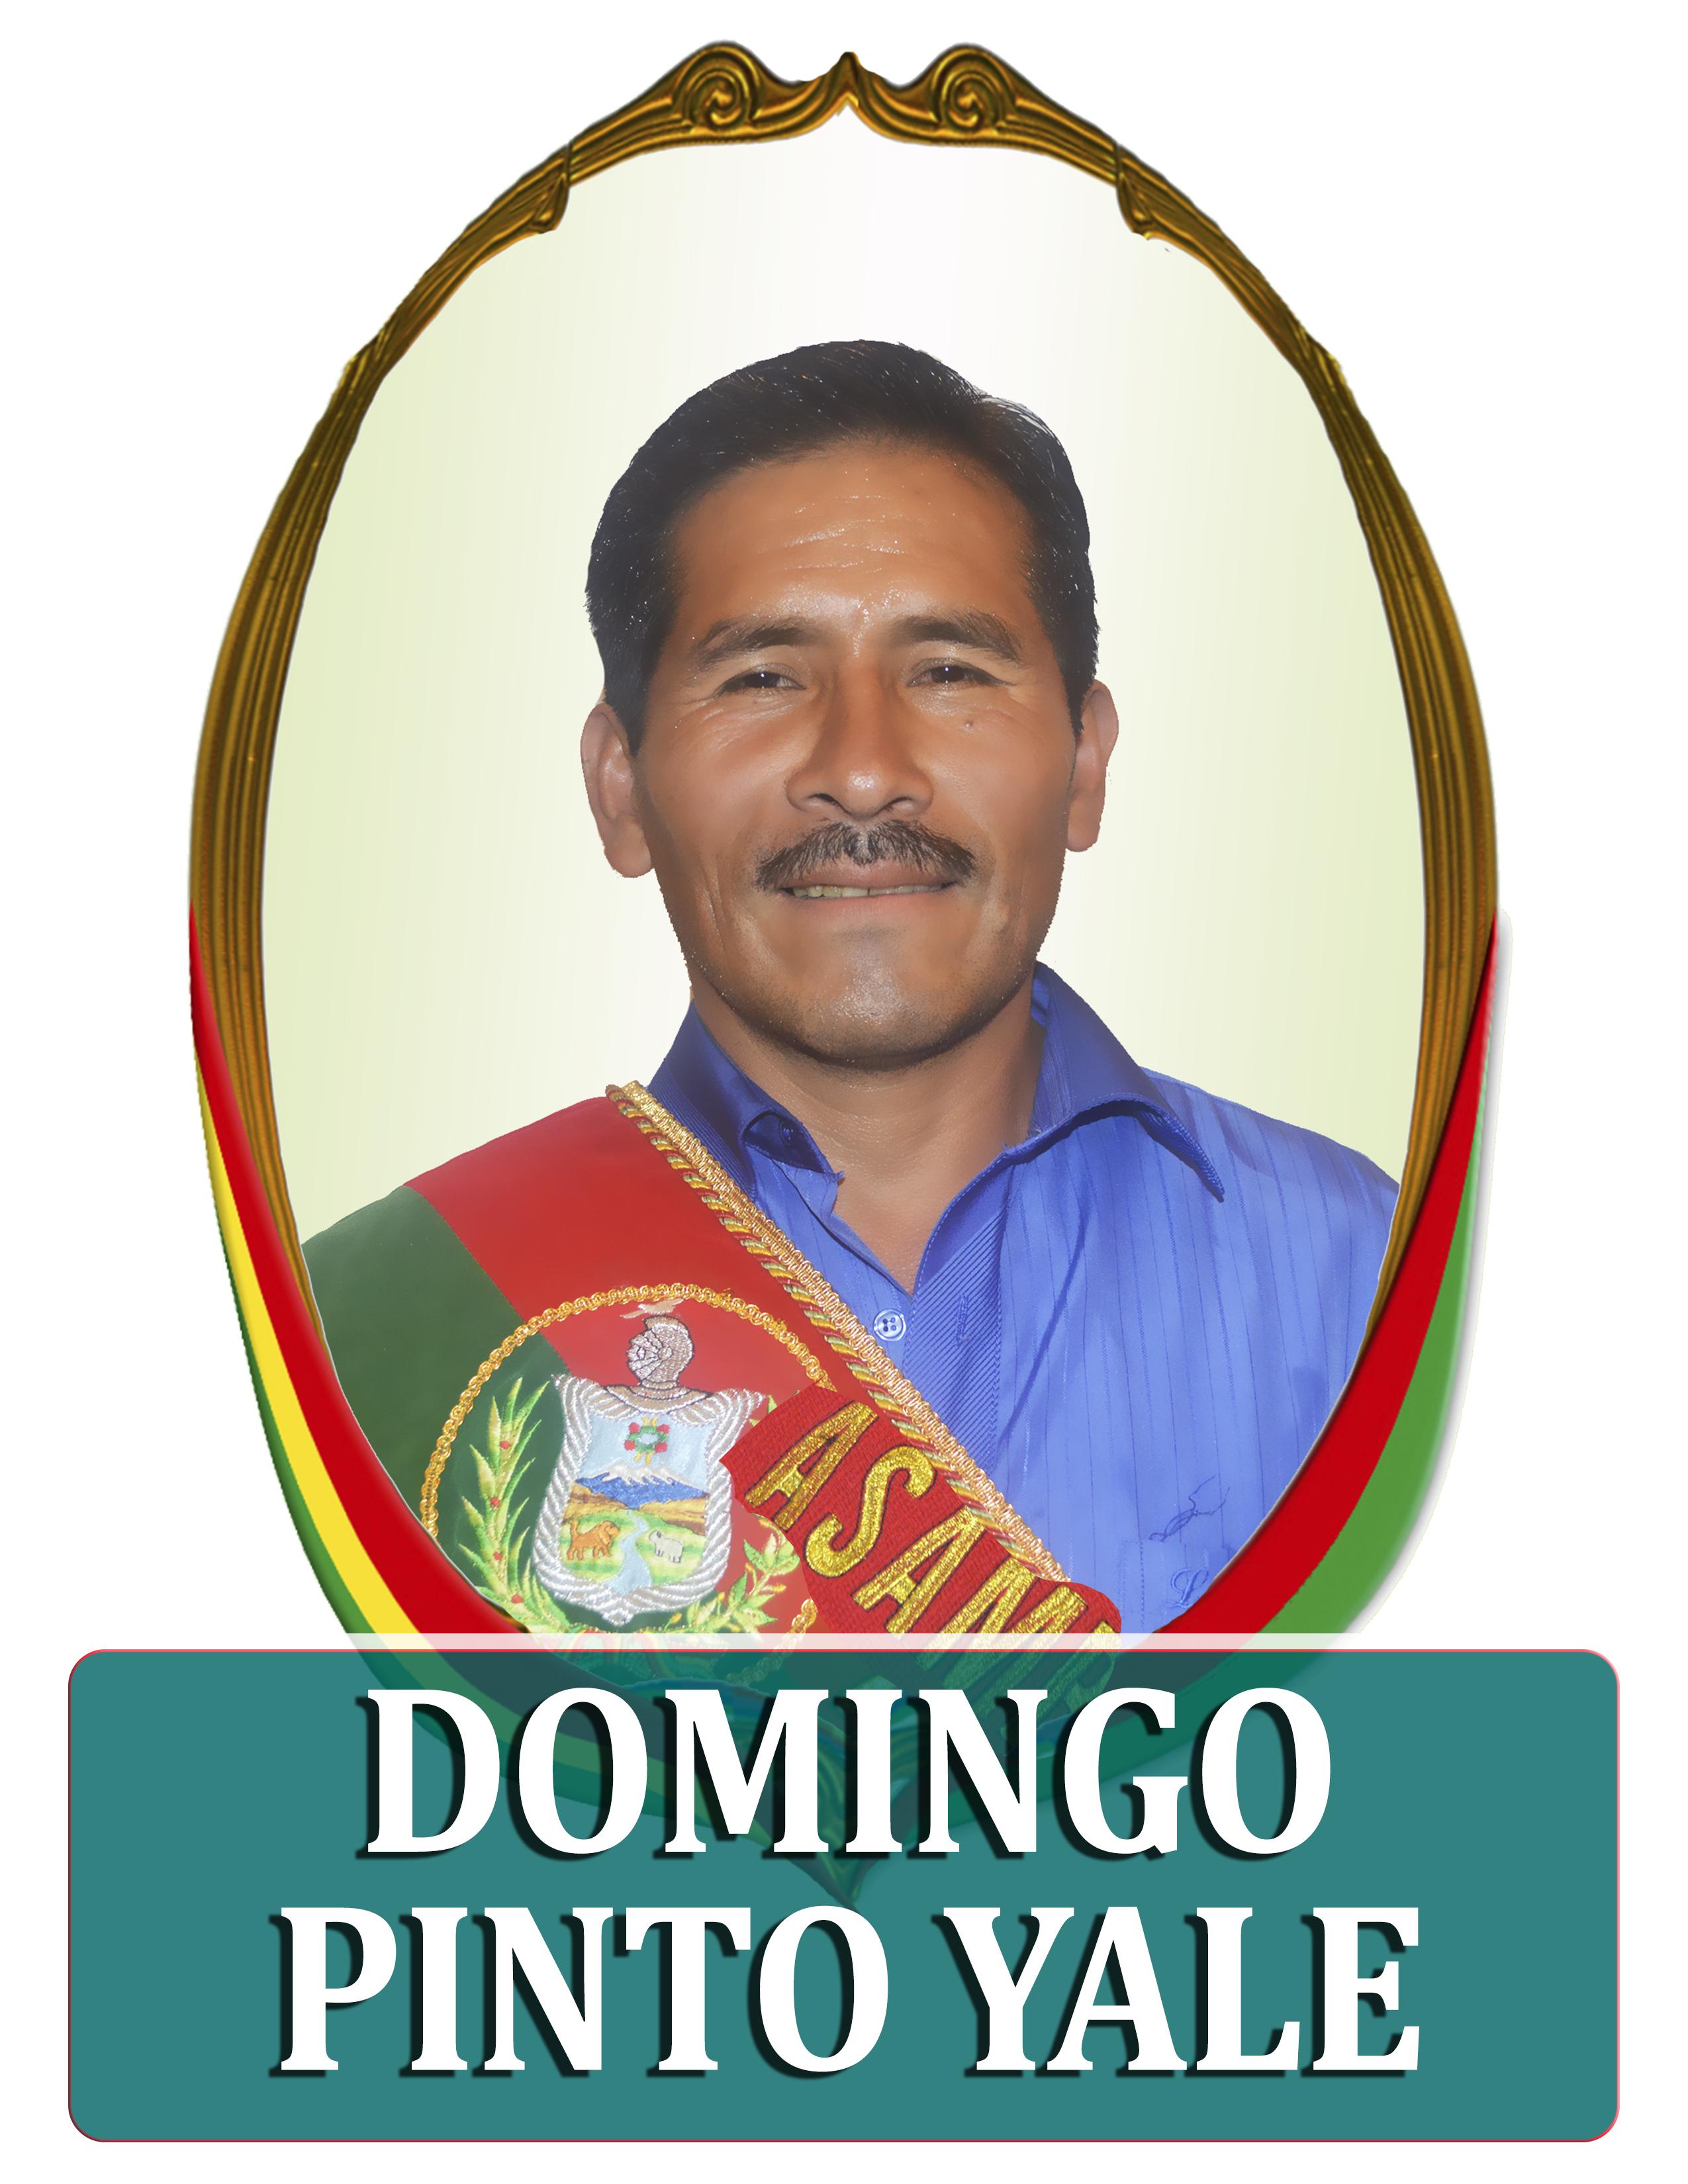 DOMINGO PINTO YALE